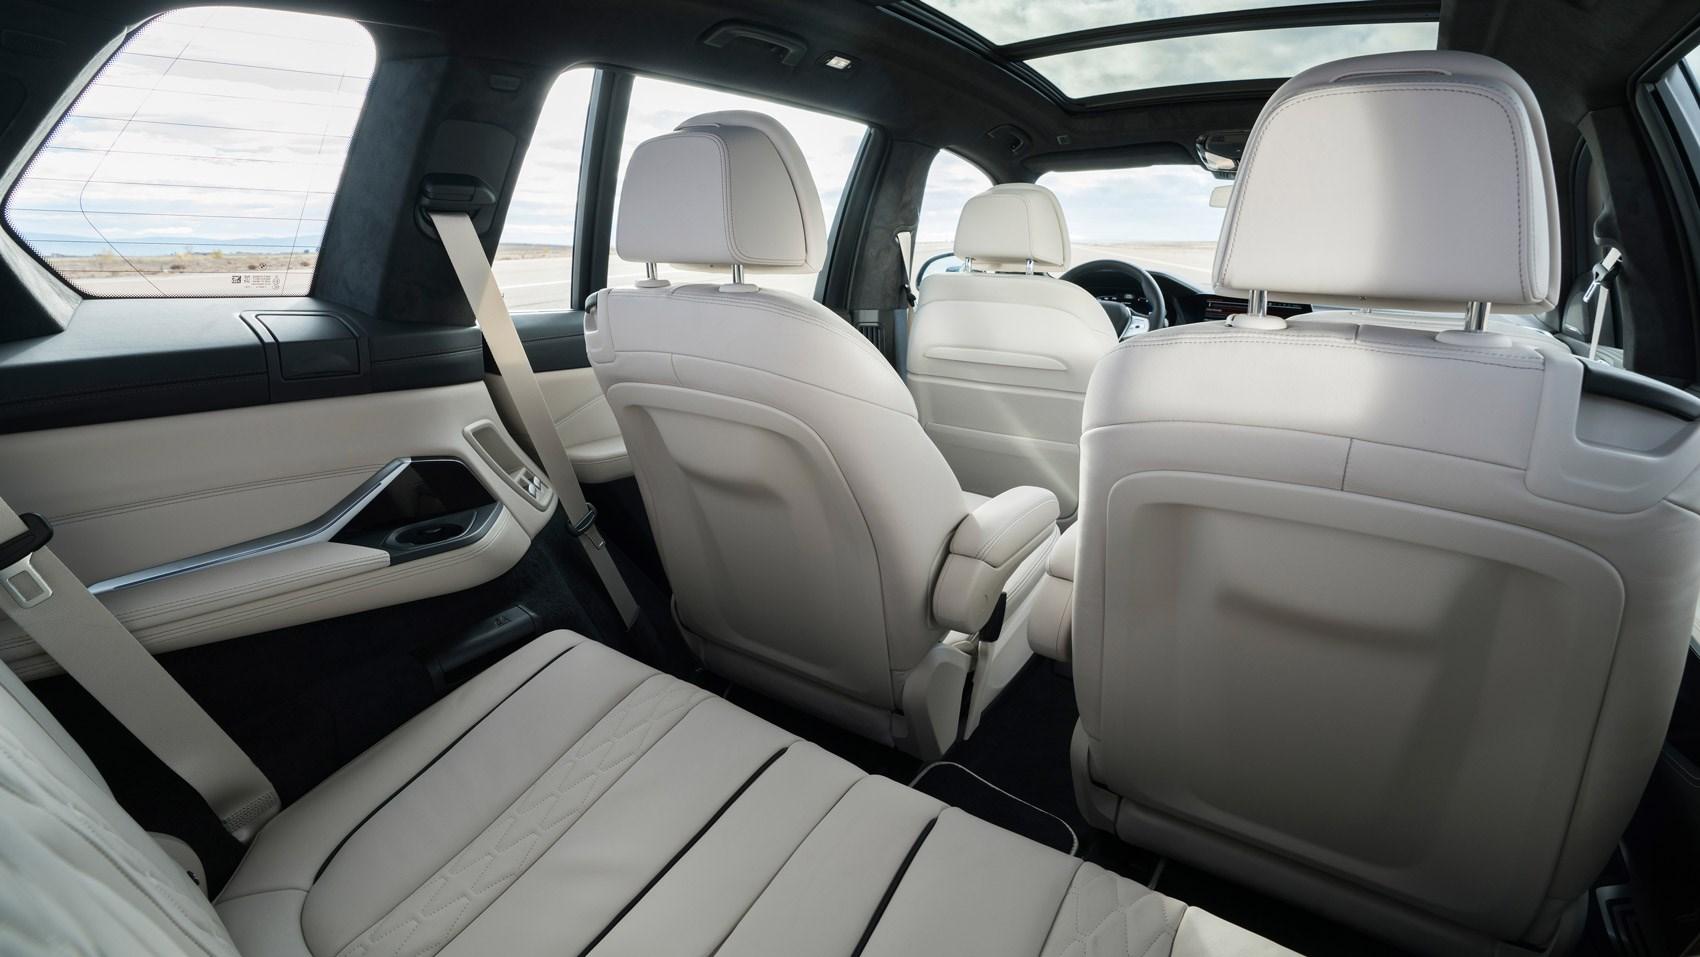 xb7 rear seats